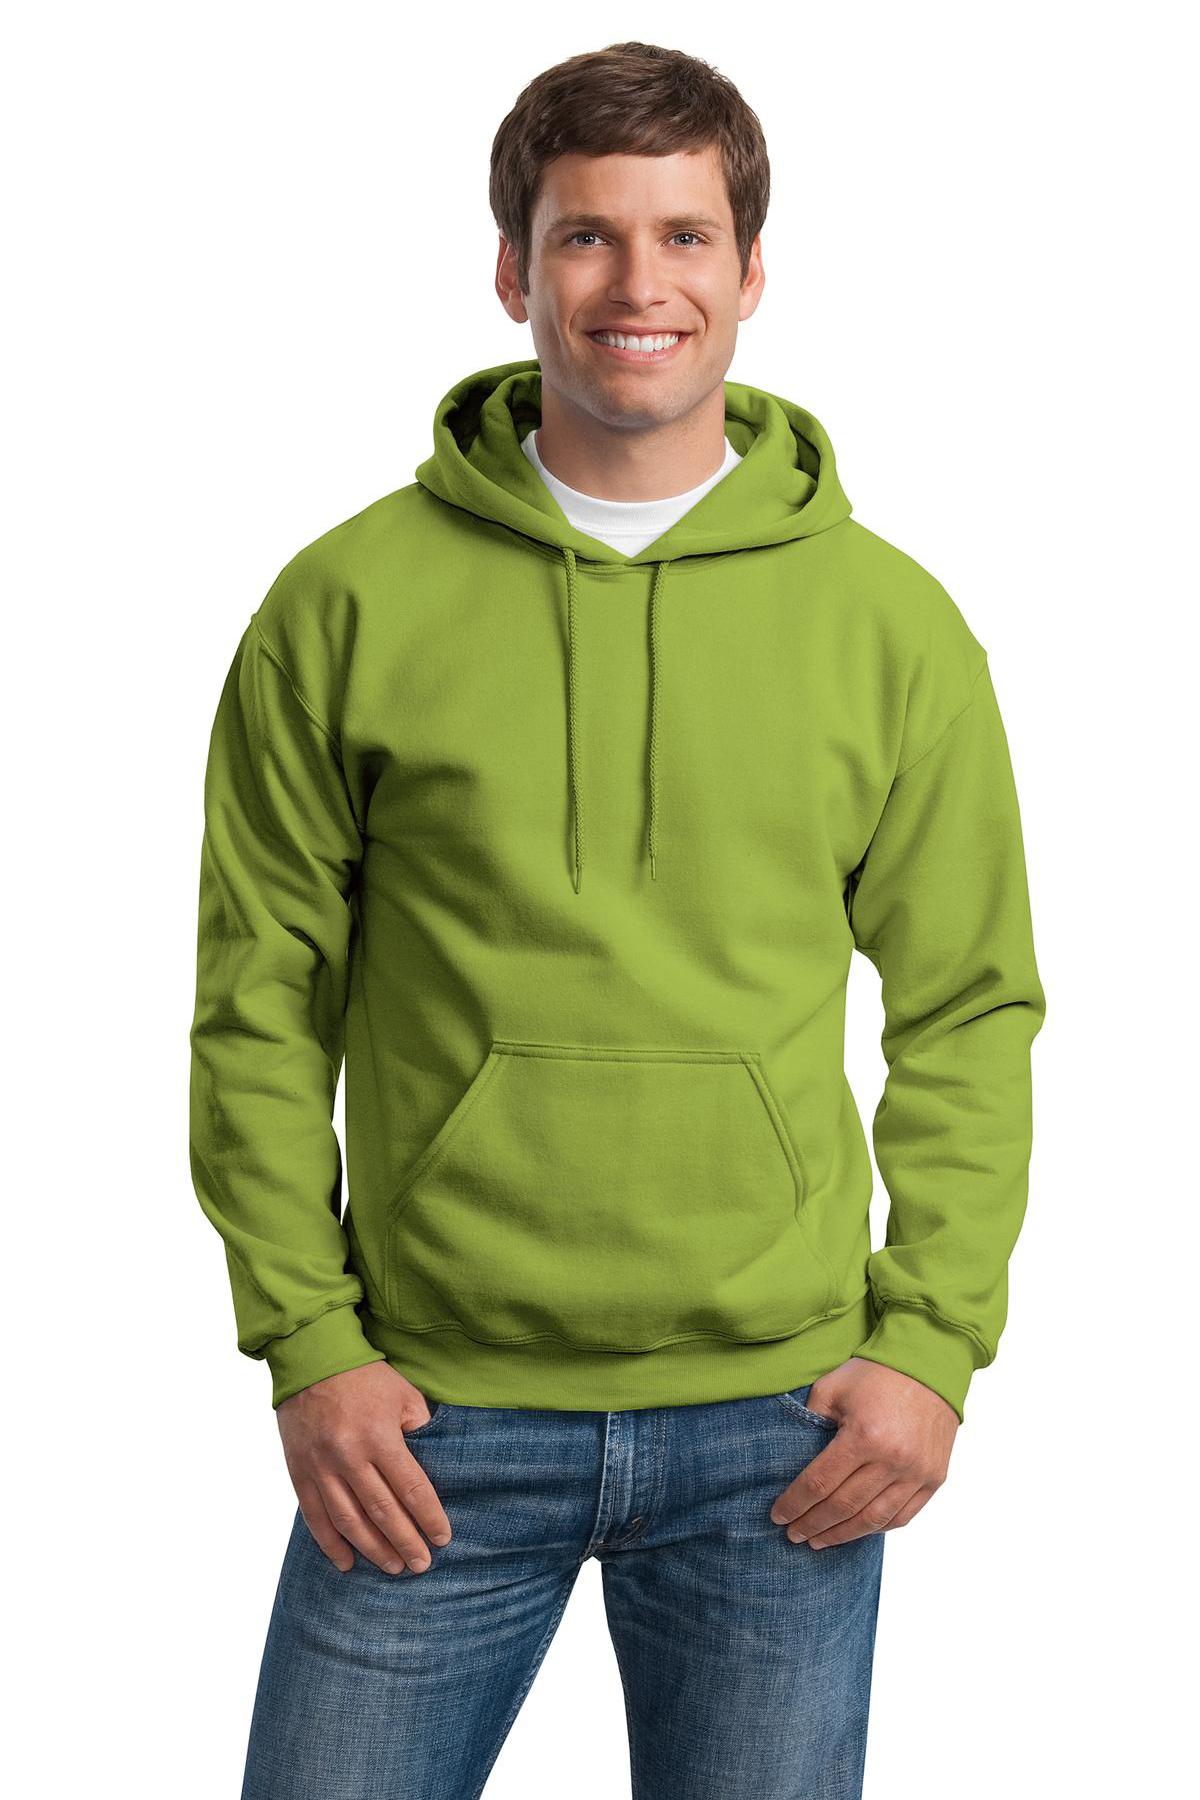 Sweatshirts-Fleece-Hooded-5